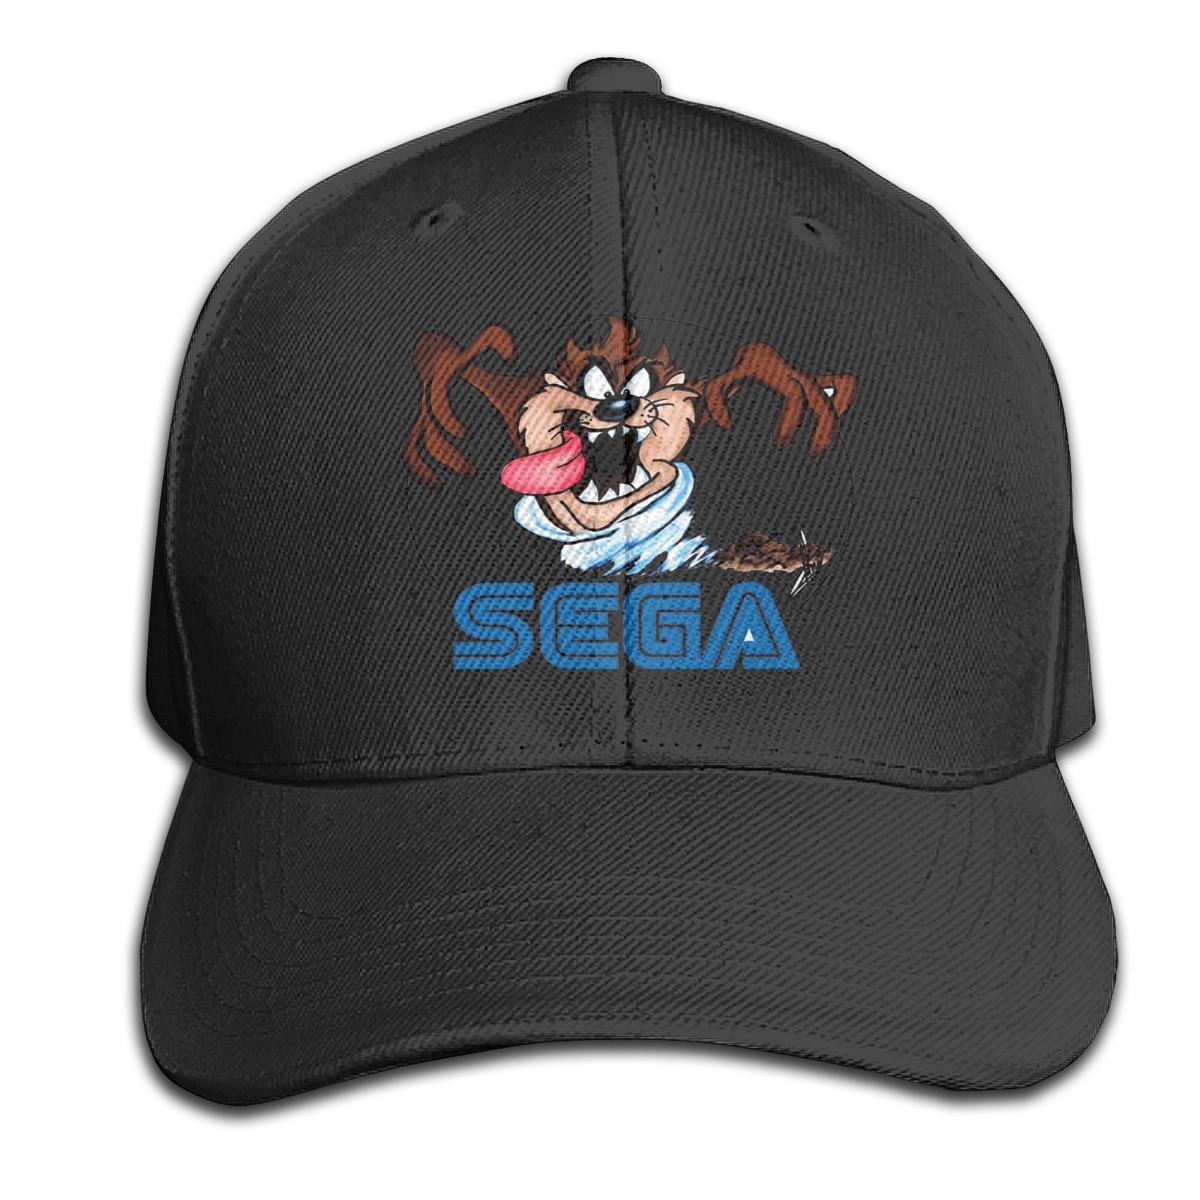 Коричневая бейсболка TAZ 1357, кепка с козырьком, Мужская кепка, женская мужская Кепка, Кепка для гольфа, Мужская кепка, мужская летняя кепка